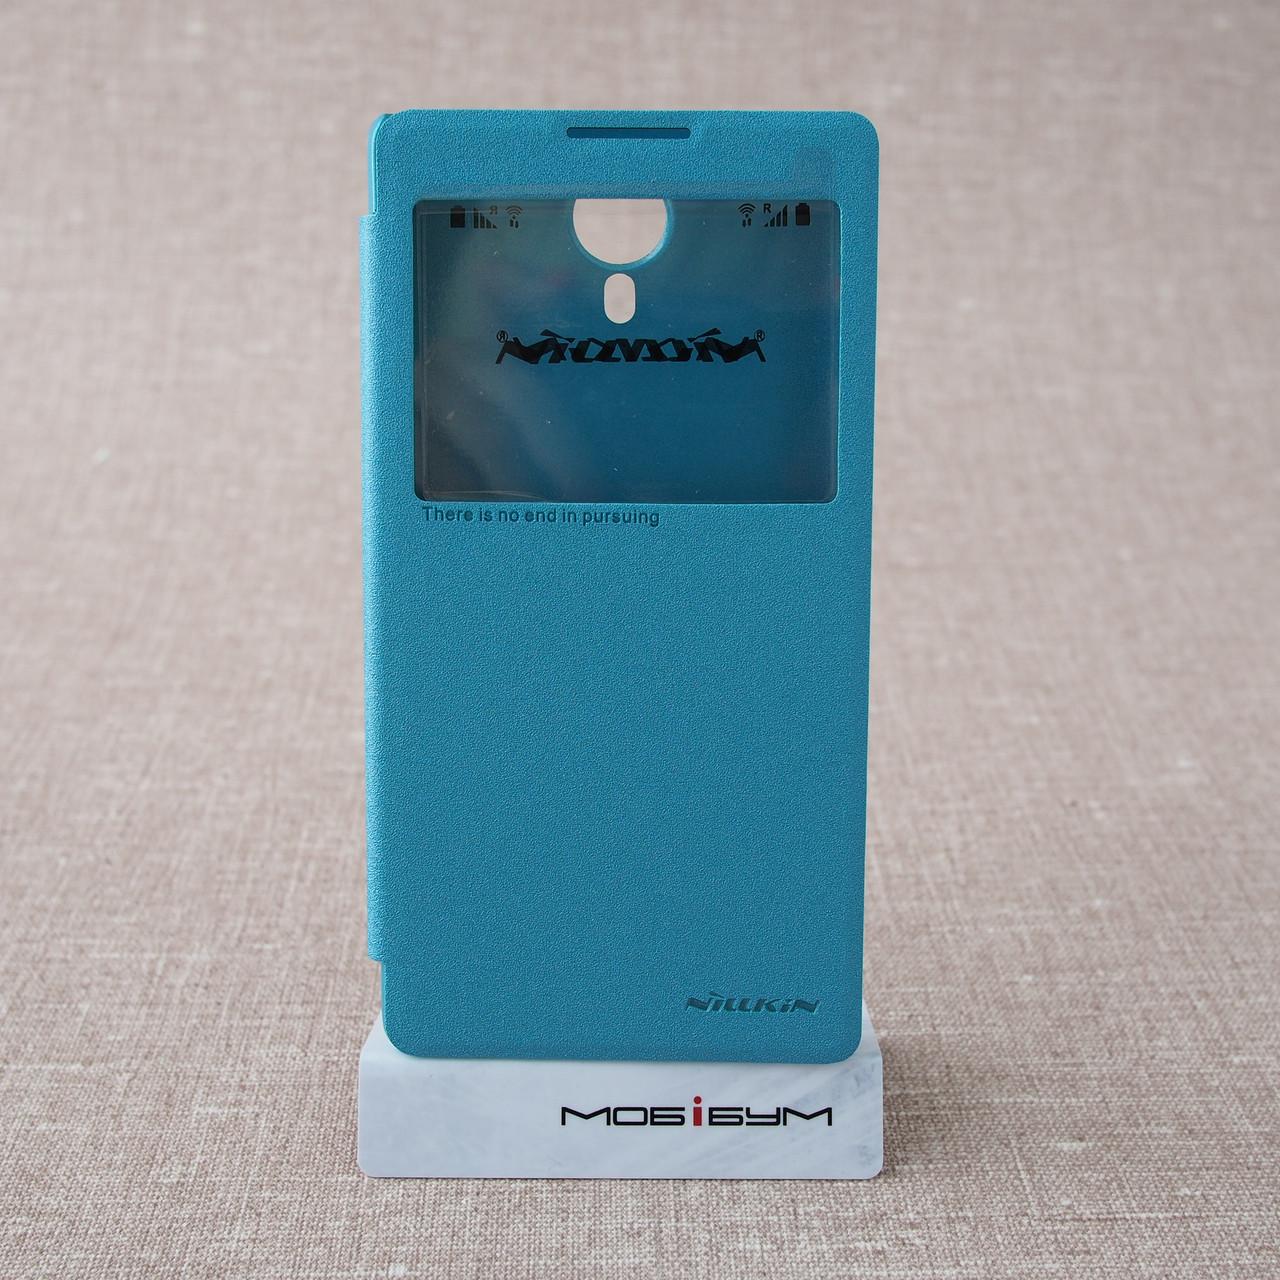 Чехол Nillkin Sparkle Lenovo P90/K80 turquoise EAN/UPC: 6956473299516